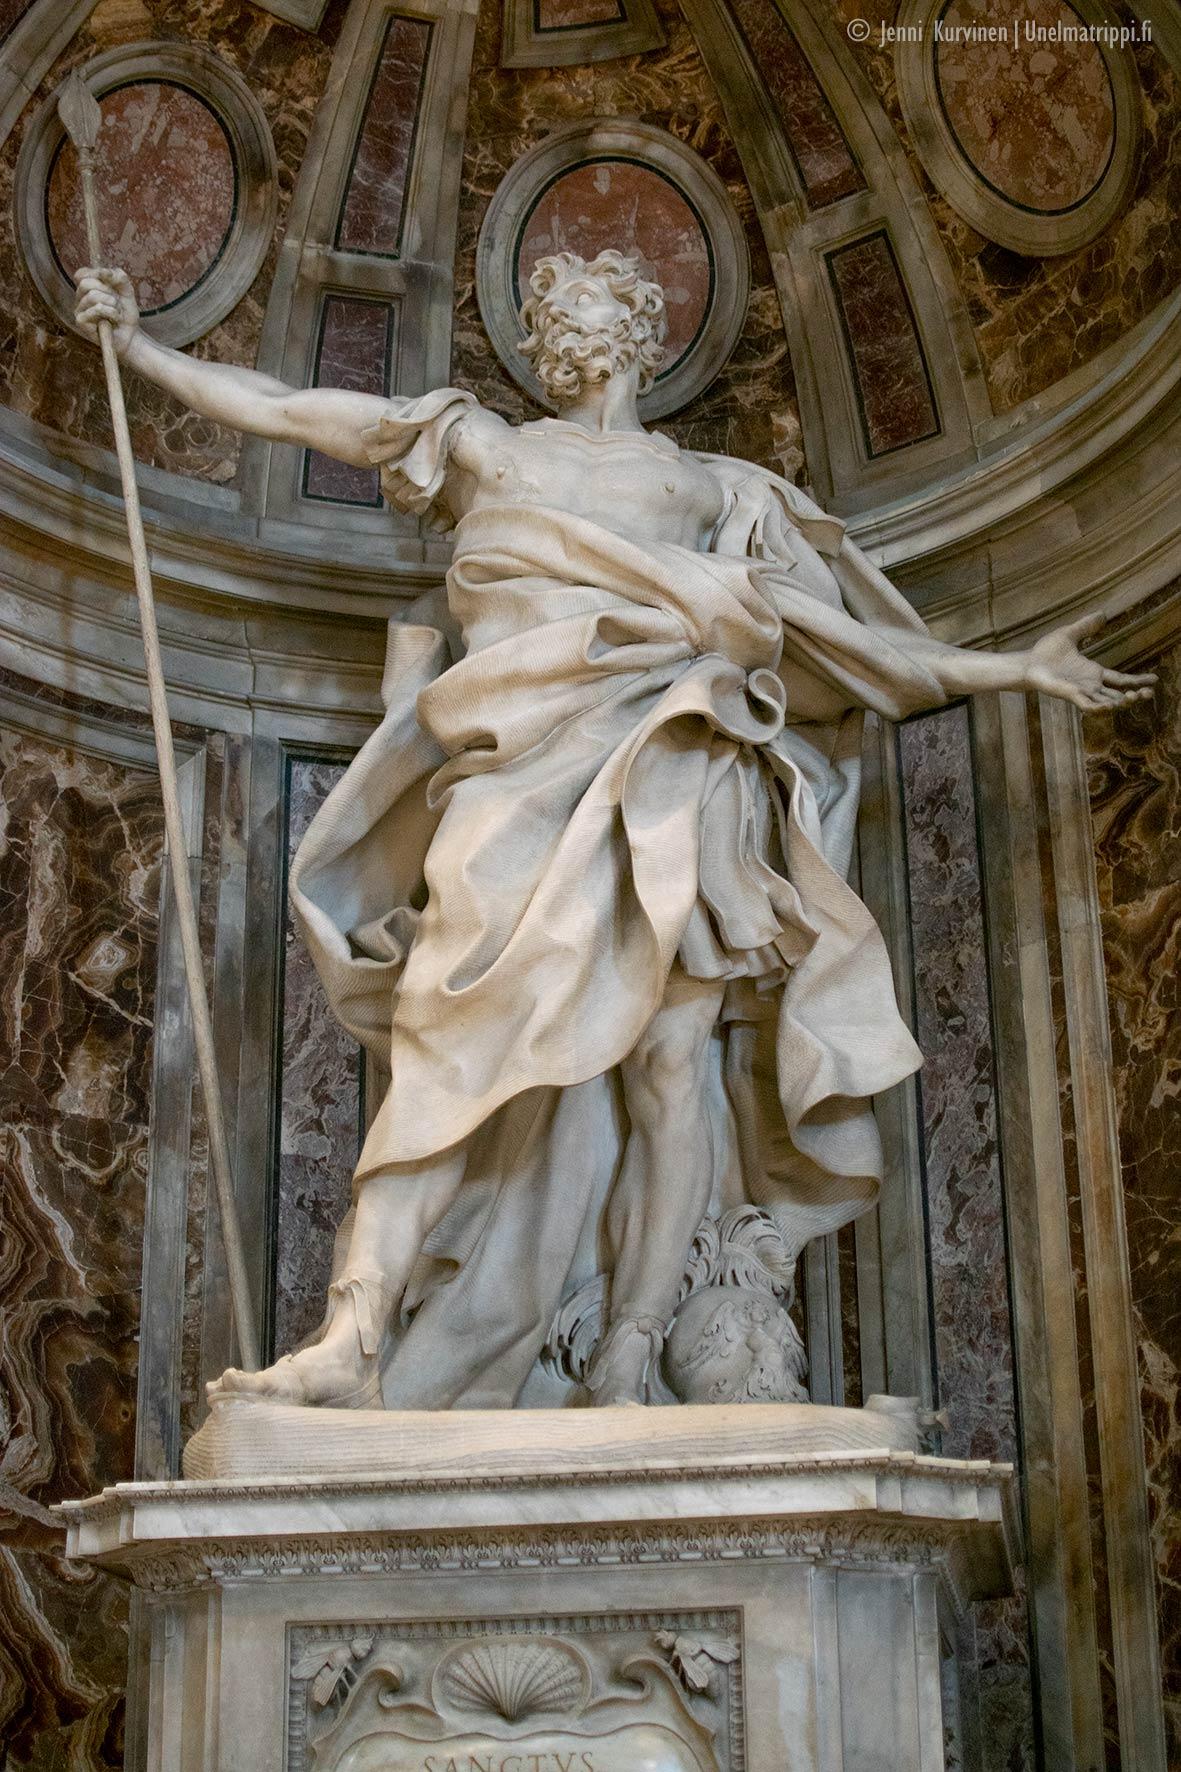 20180826-Unelmatrippi-Vatikaani-DSC0119